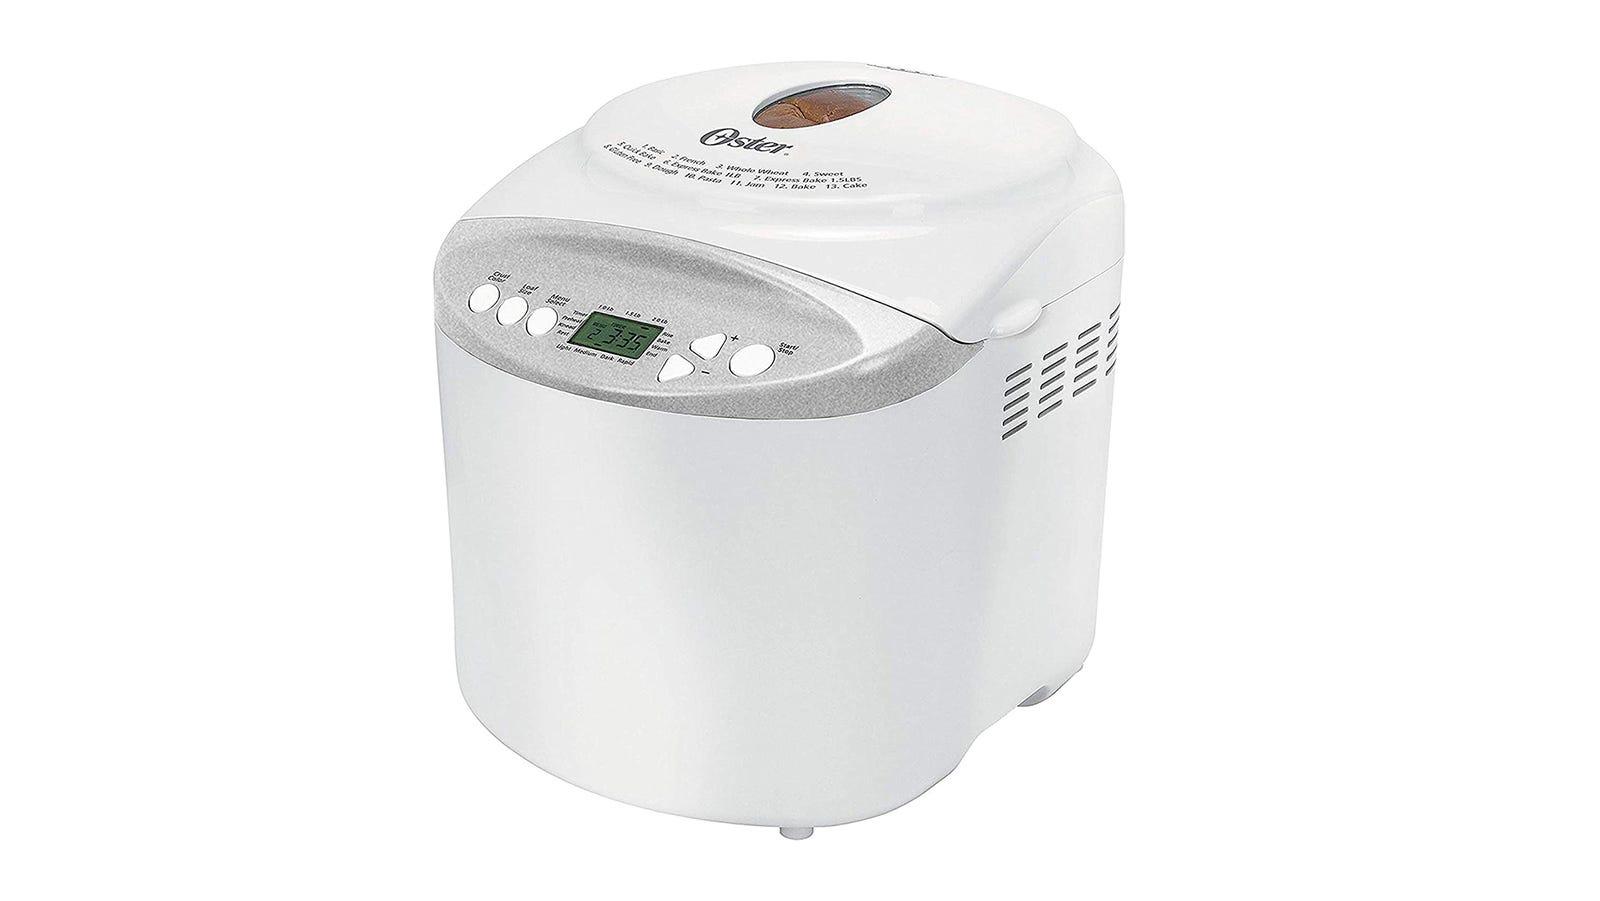 White bread machine